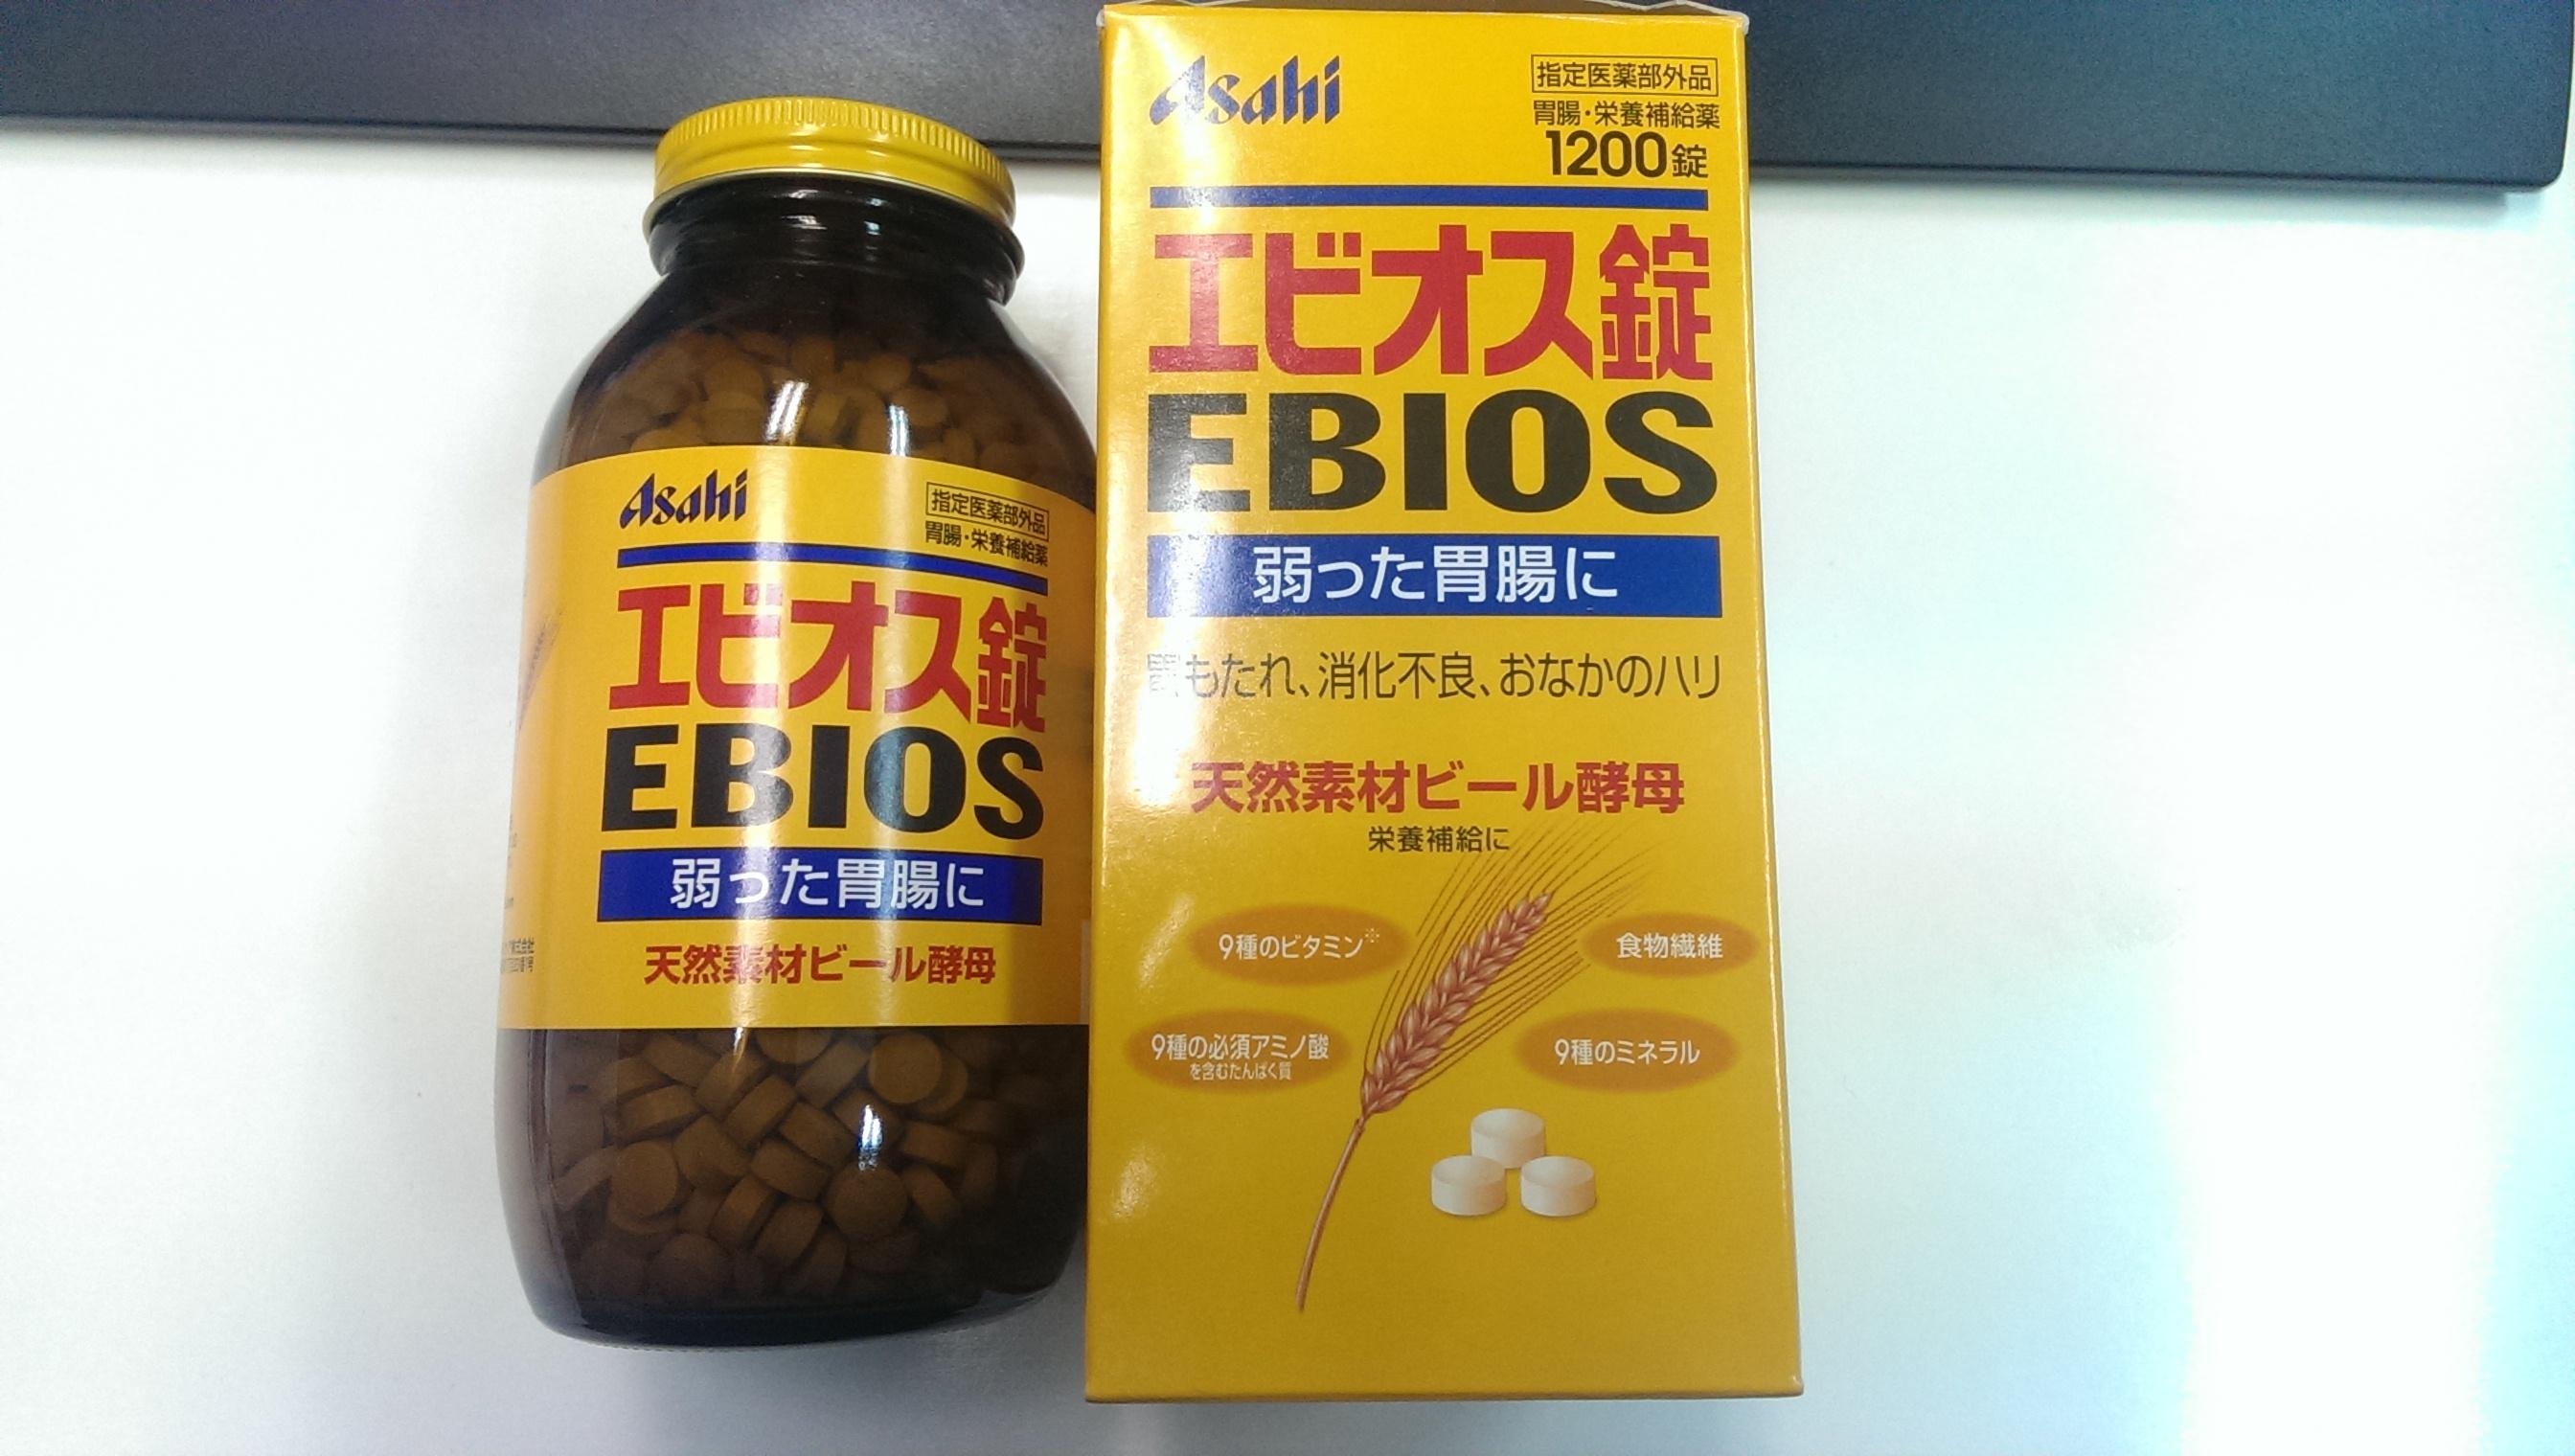 エビオス錠を1ヶ月飲み続けた結果報告